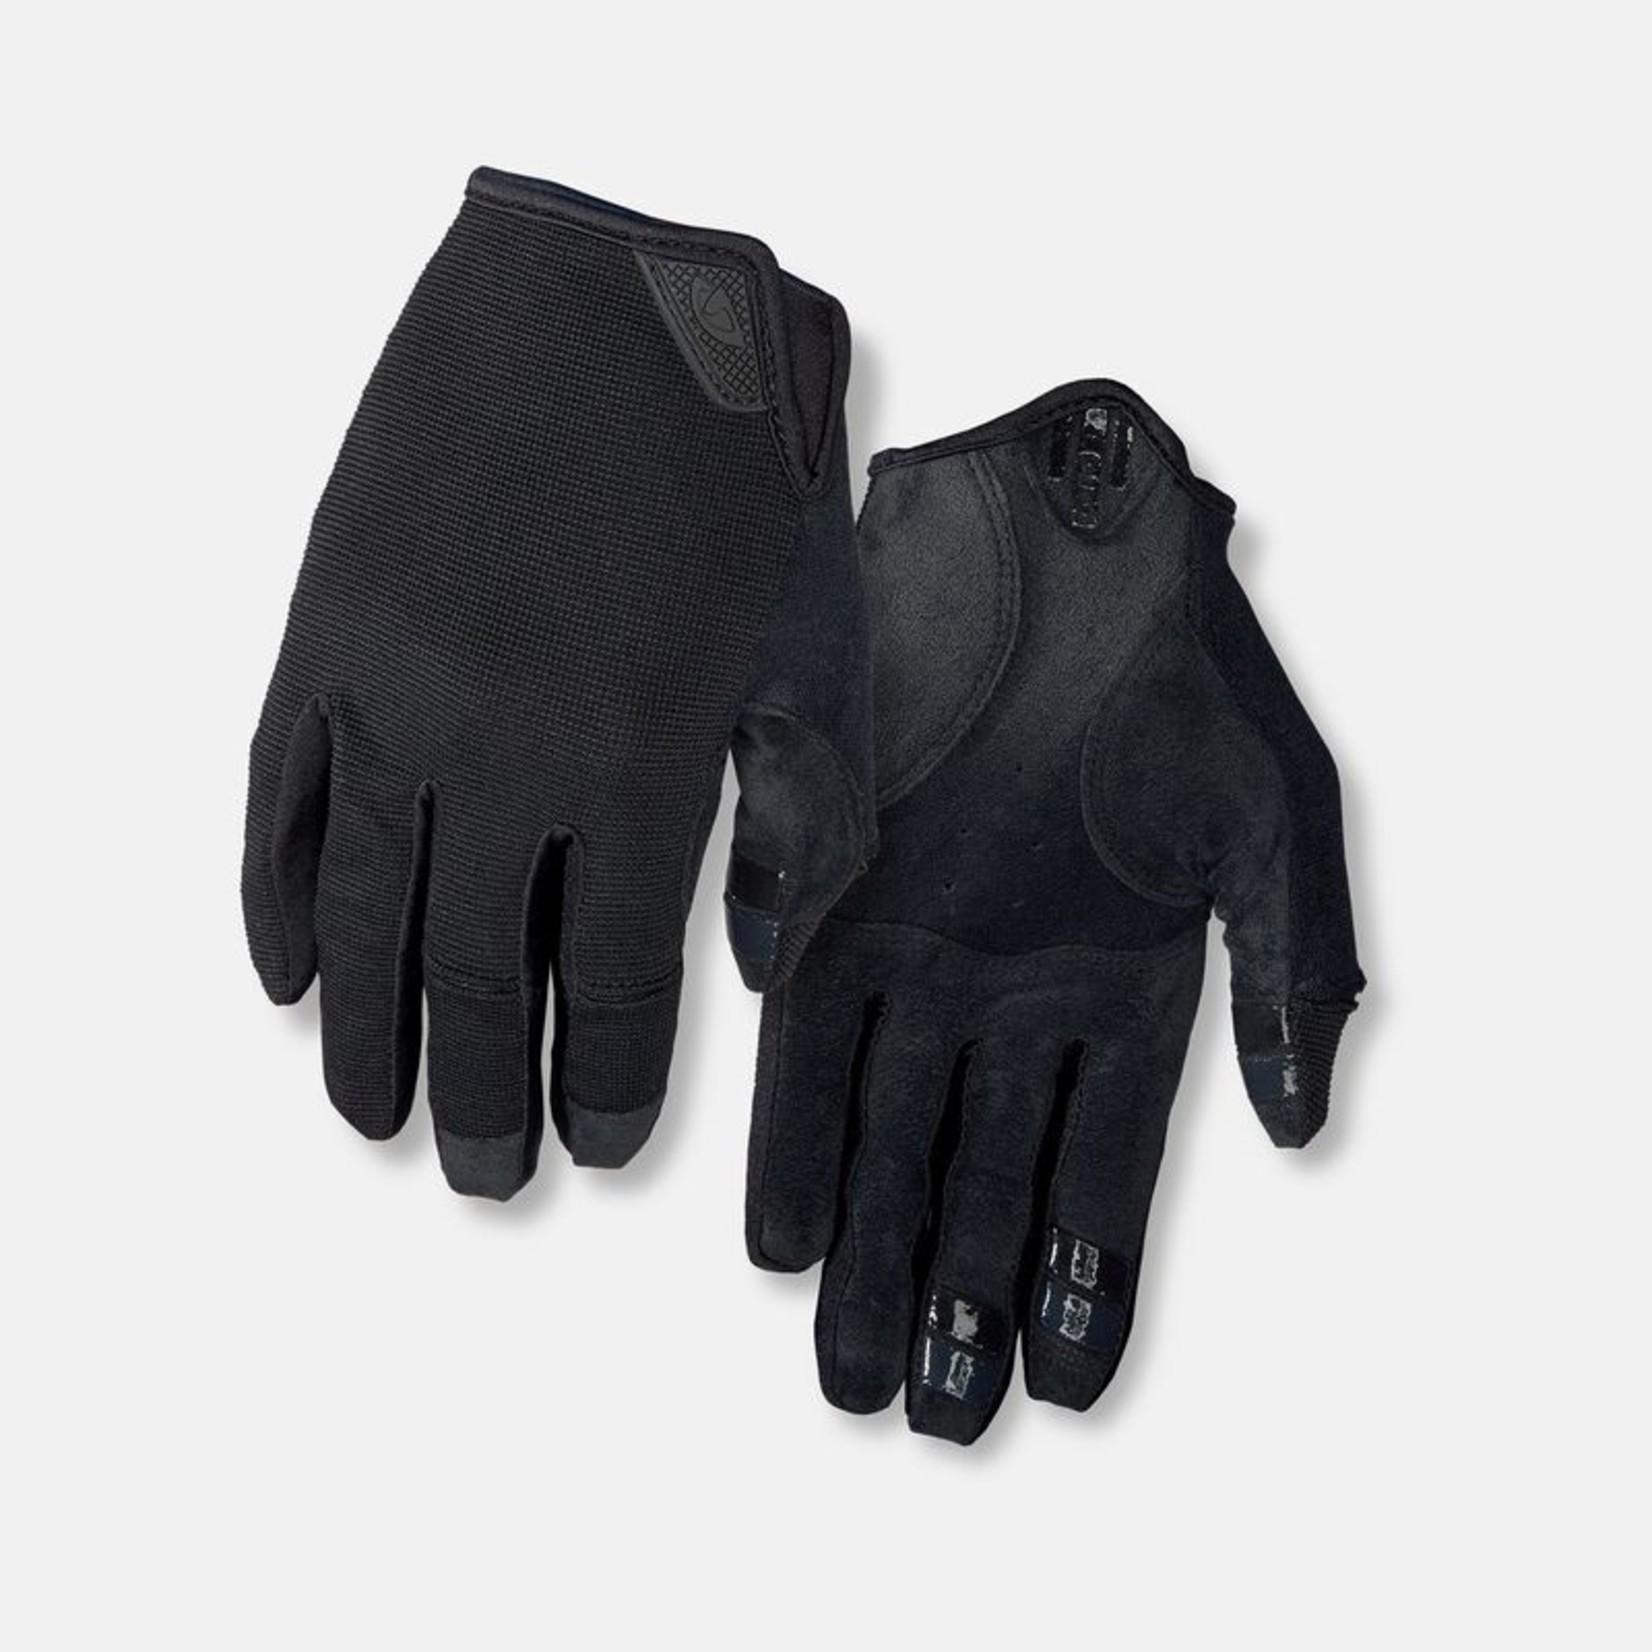 Giro Giro Gloves - DND